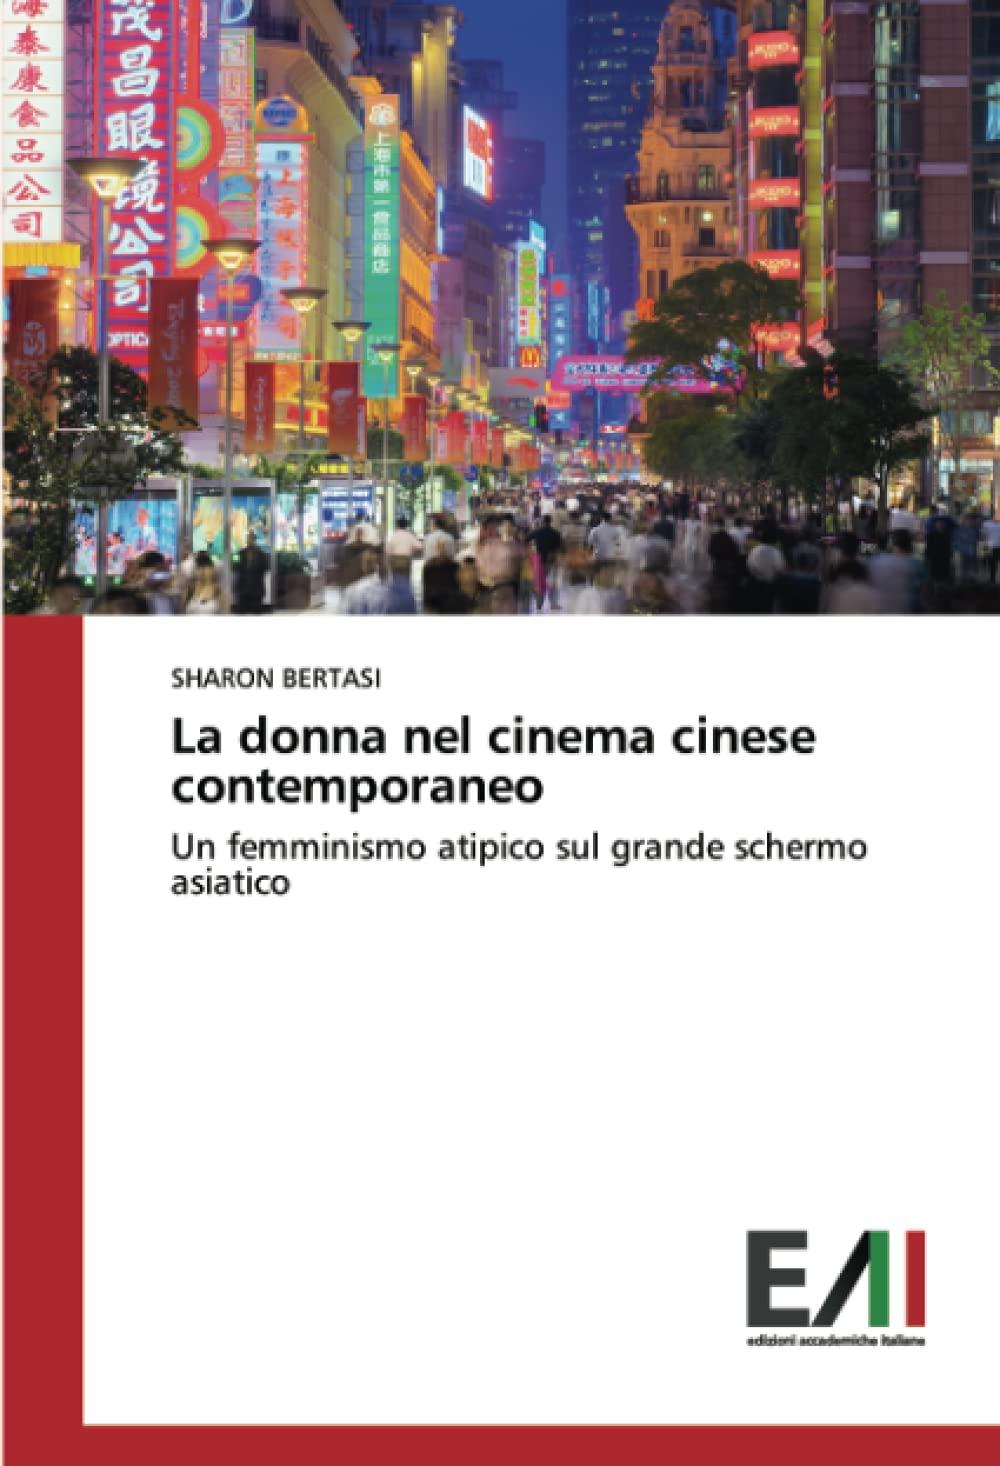 La donna nel cinema cinese contemporaneo